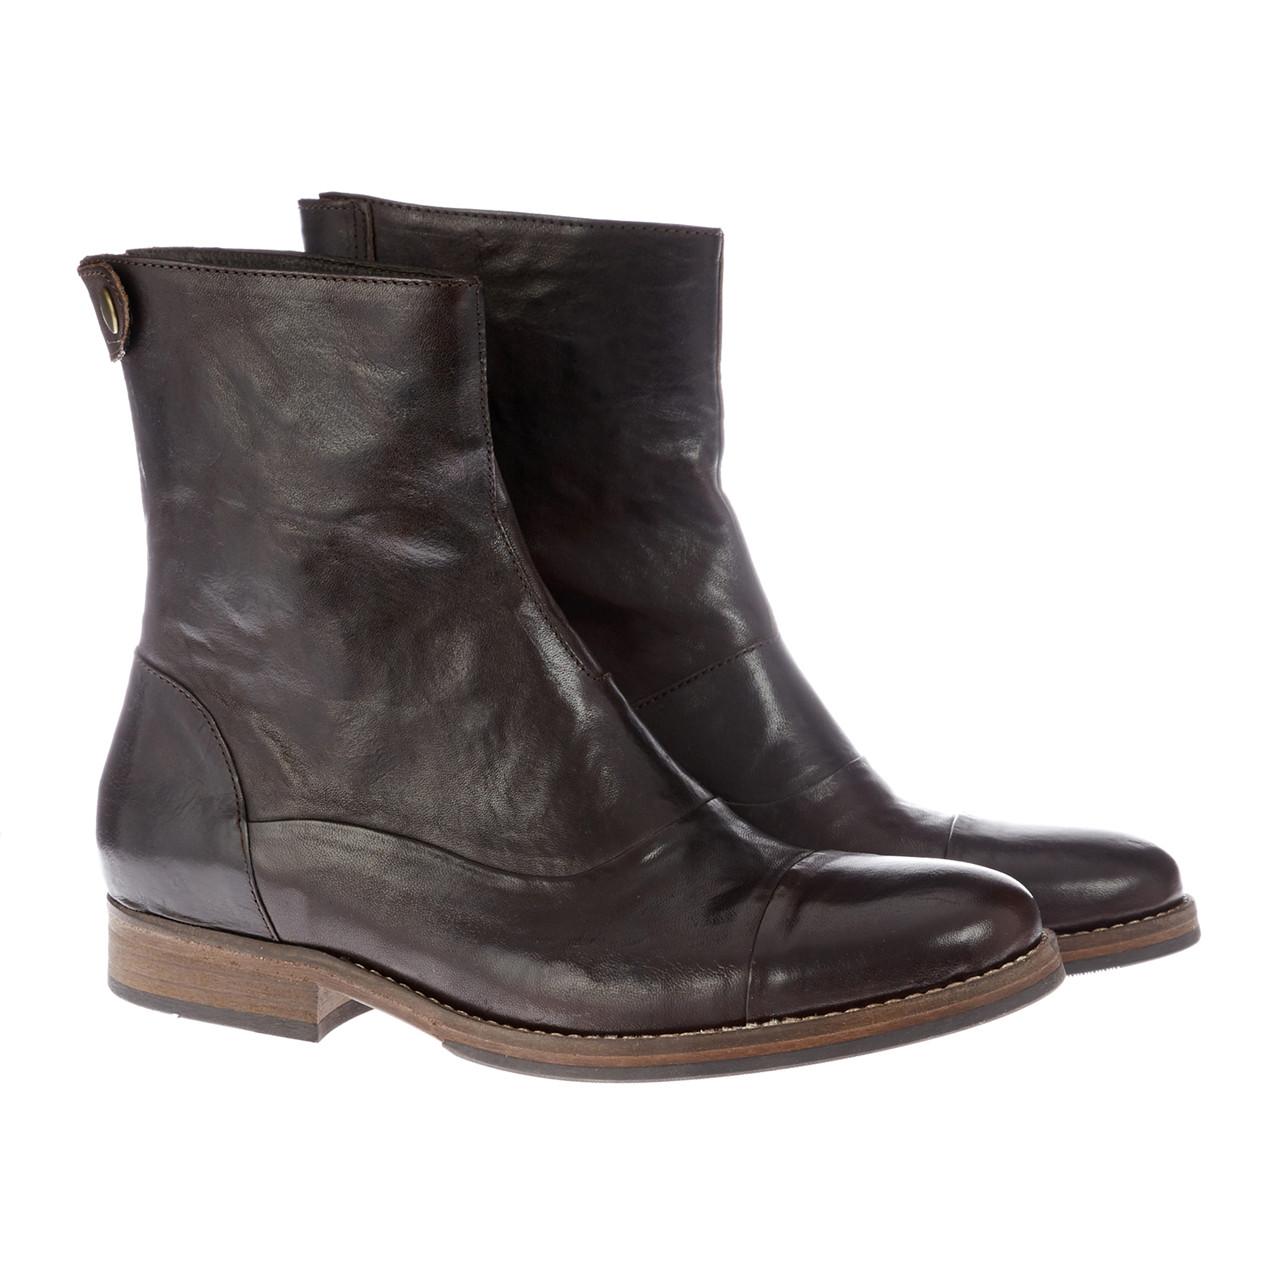 dac3c6d7dae Mentor sko | landsdækkende bytteservice